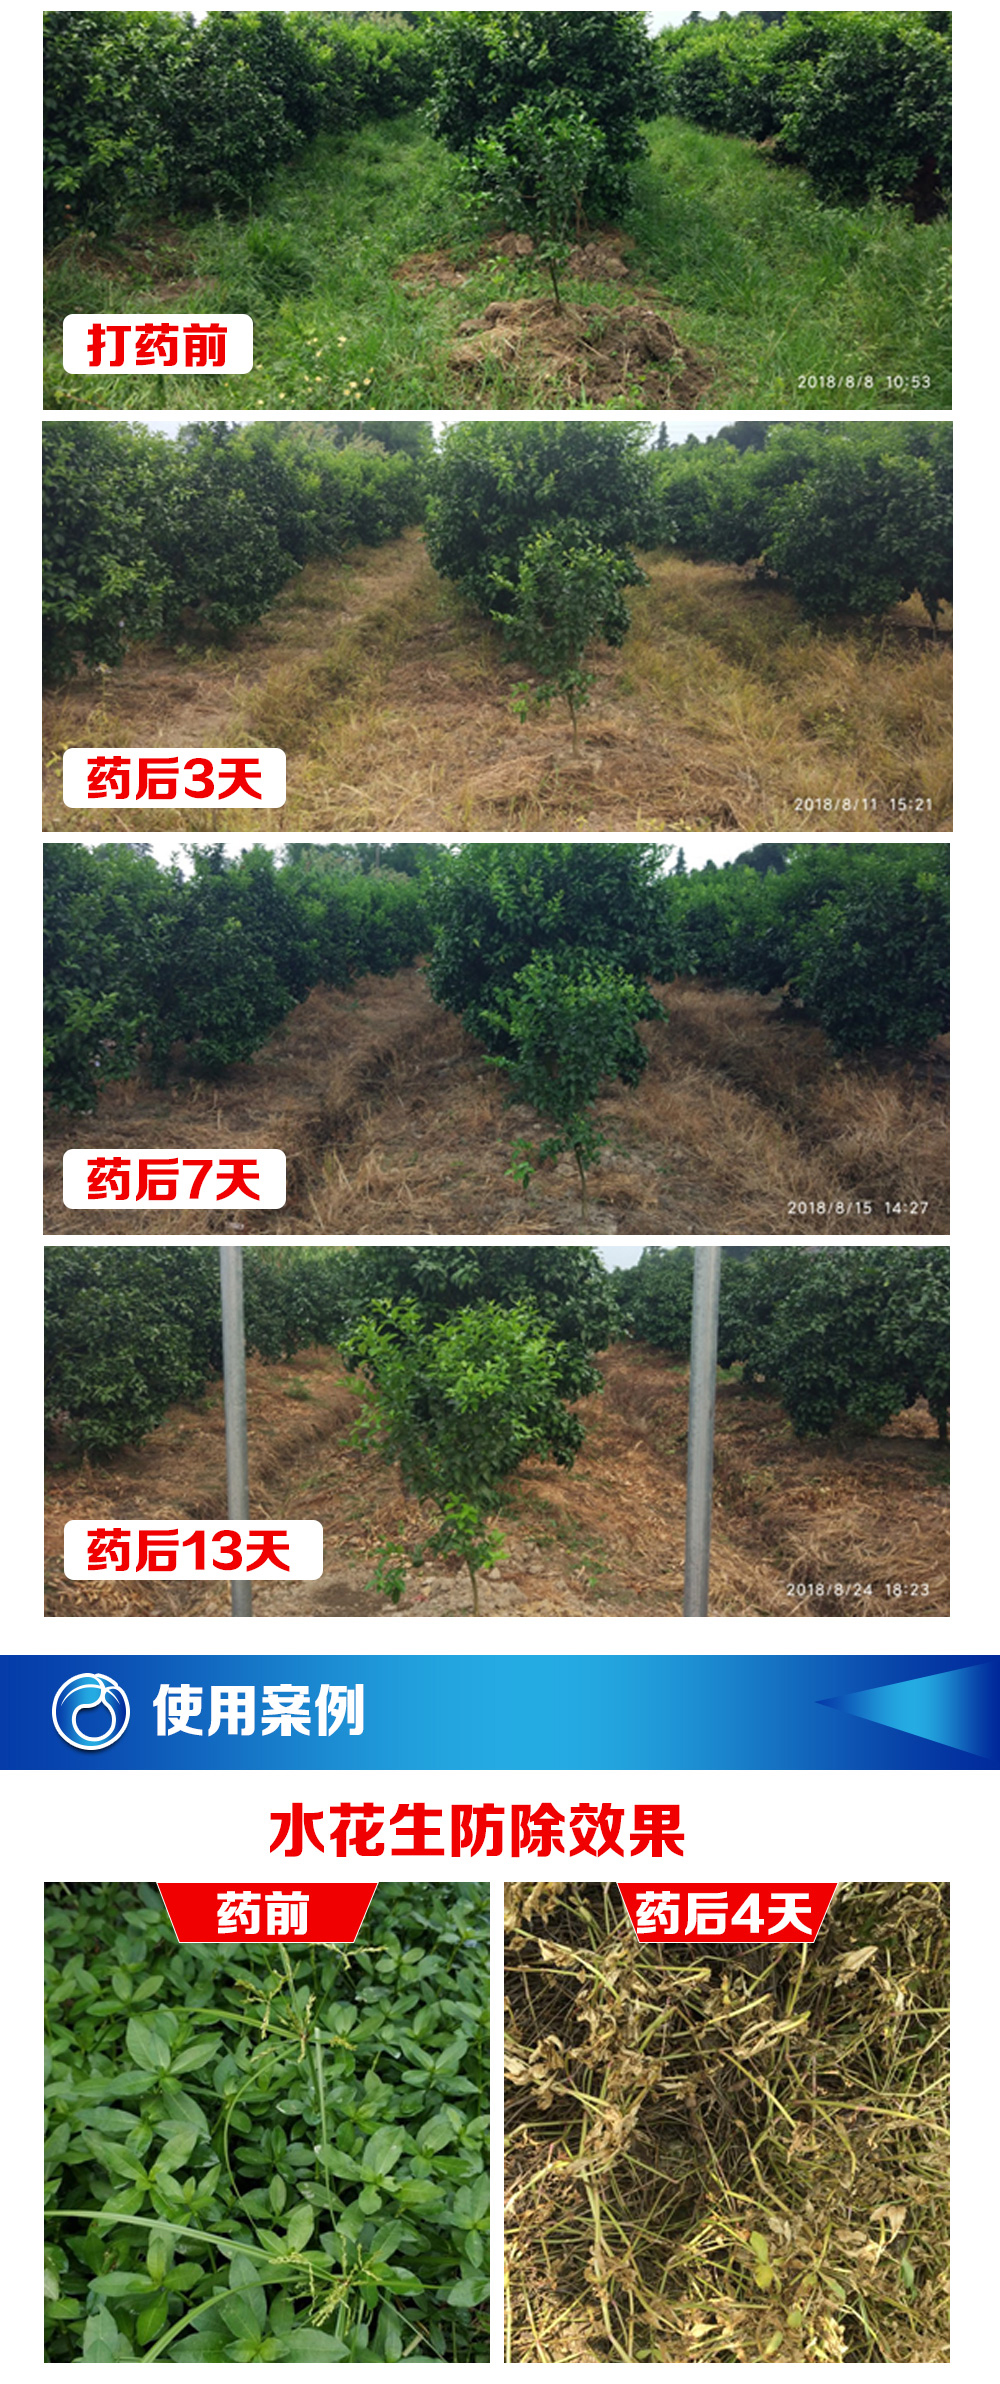 新草铵膦_03.jpg